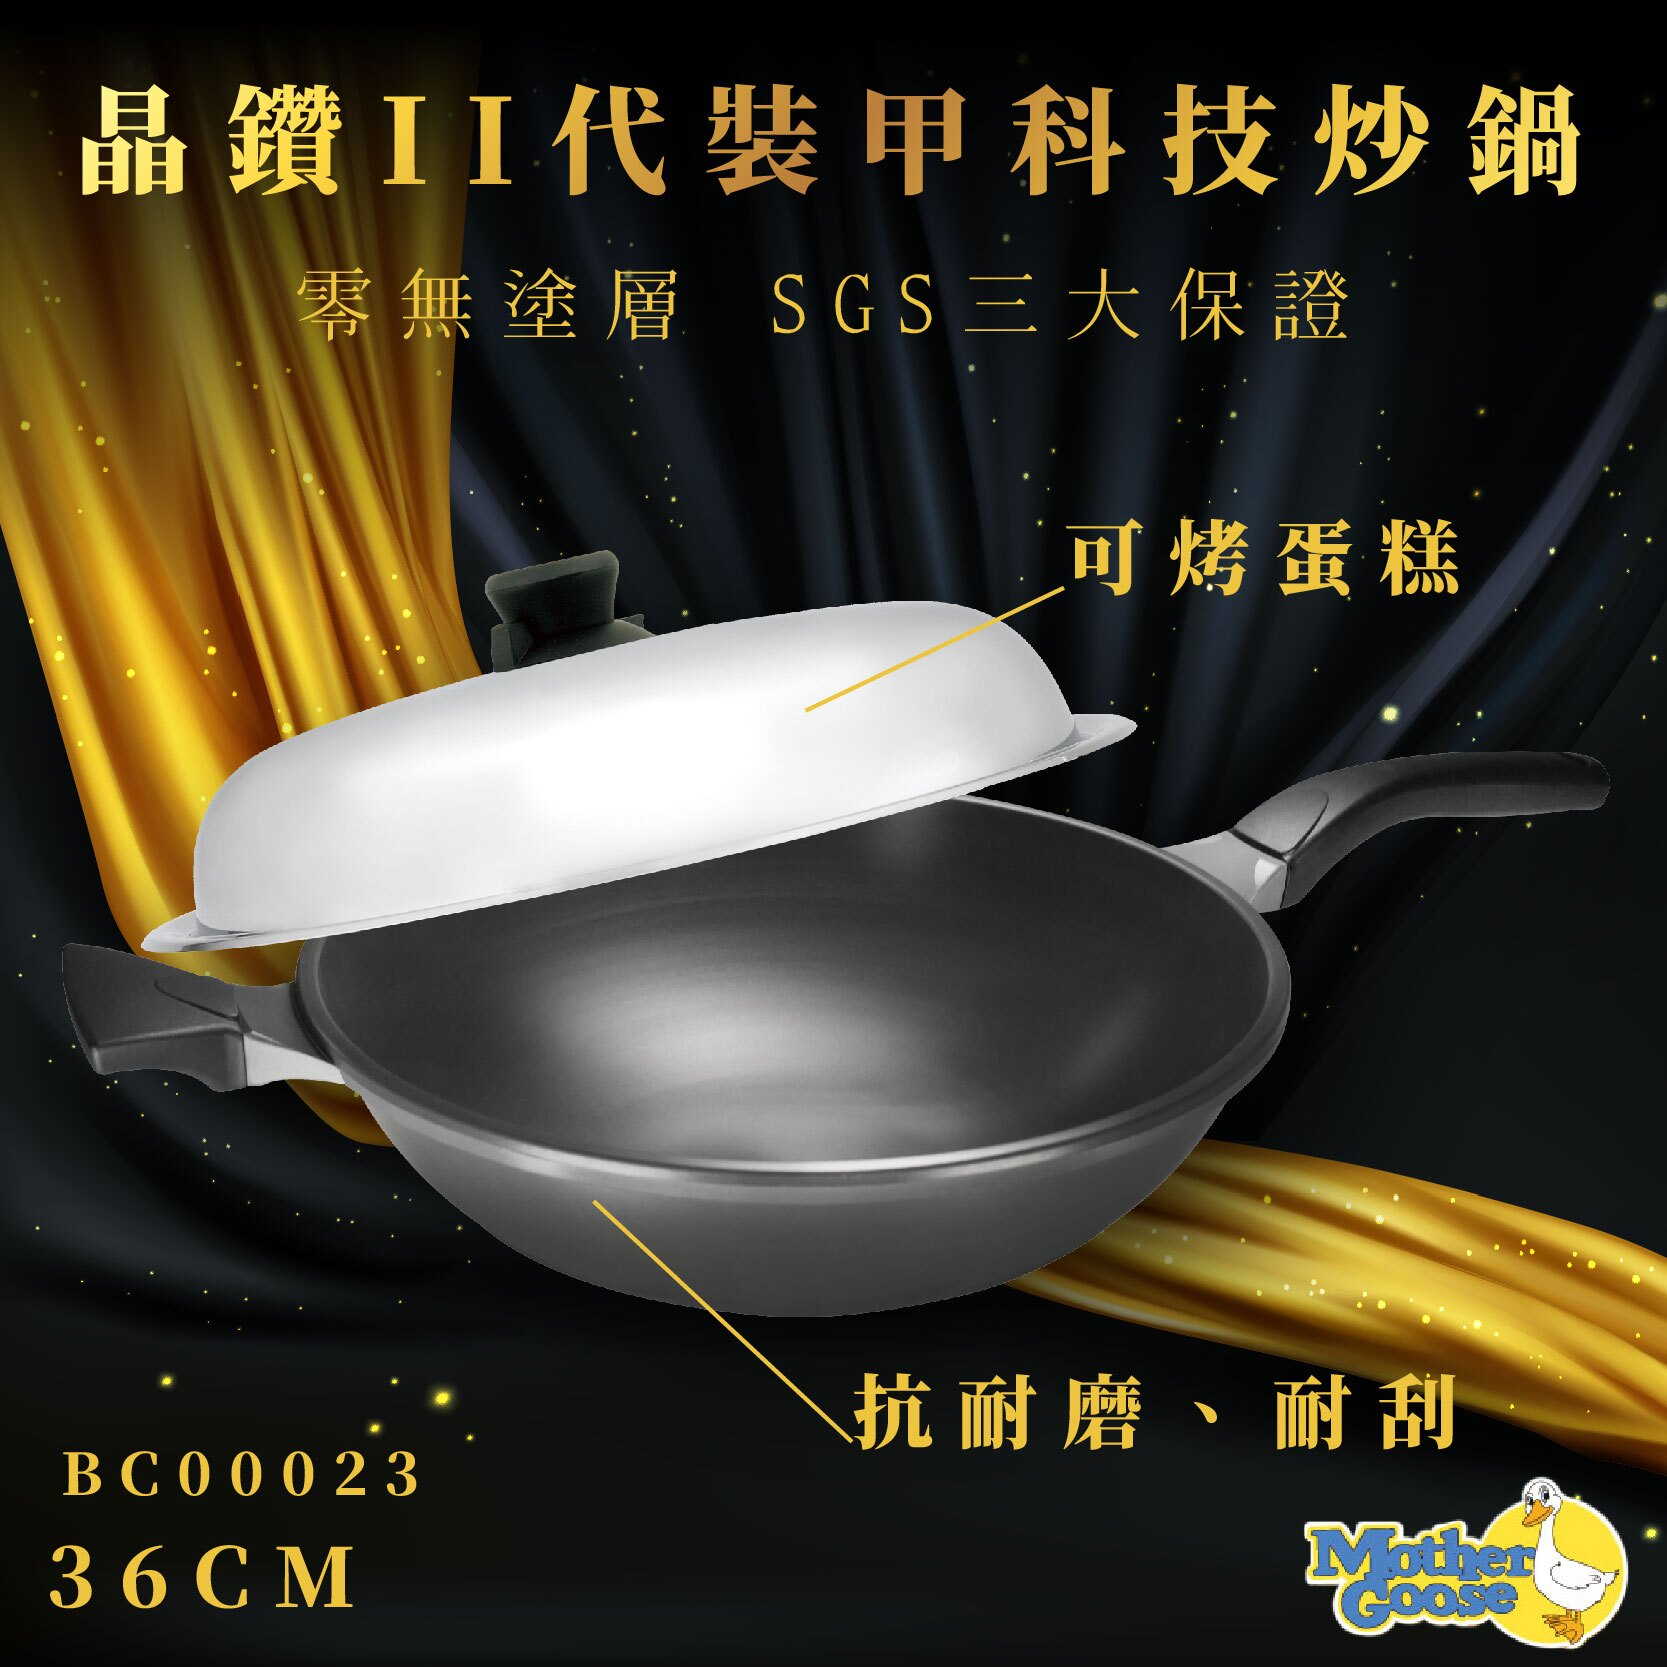 【料理達人】美國 BC00023 晶鑽2代裝甲科技炒鍋 36cm 耐磨耐刮 物理性不沾 可烤蛋糕 航鈦合金 鍋具 鍋子